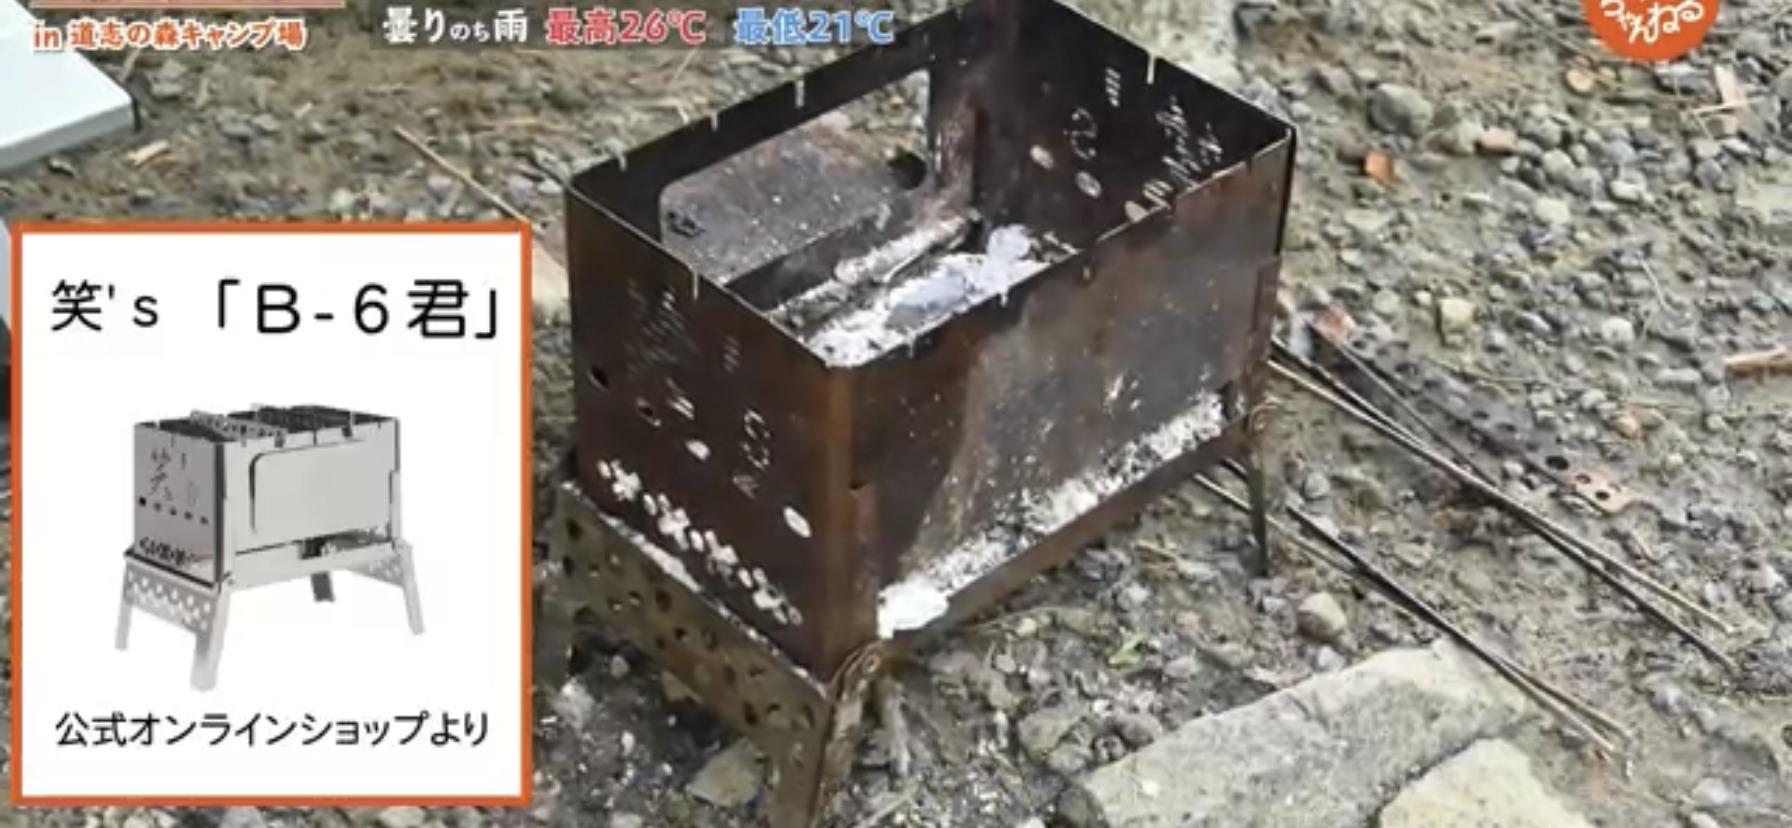 焚き火台:【笑's B6君】コンパクトグリル